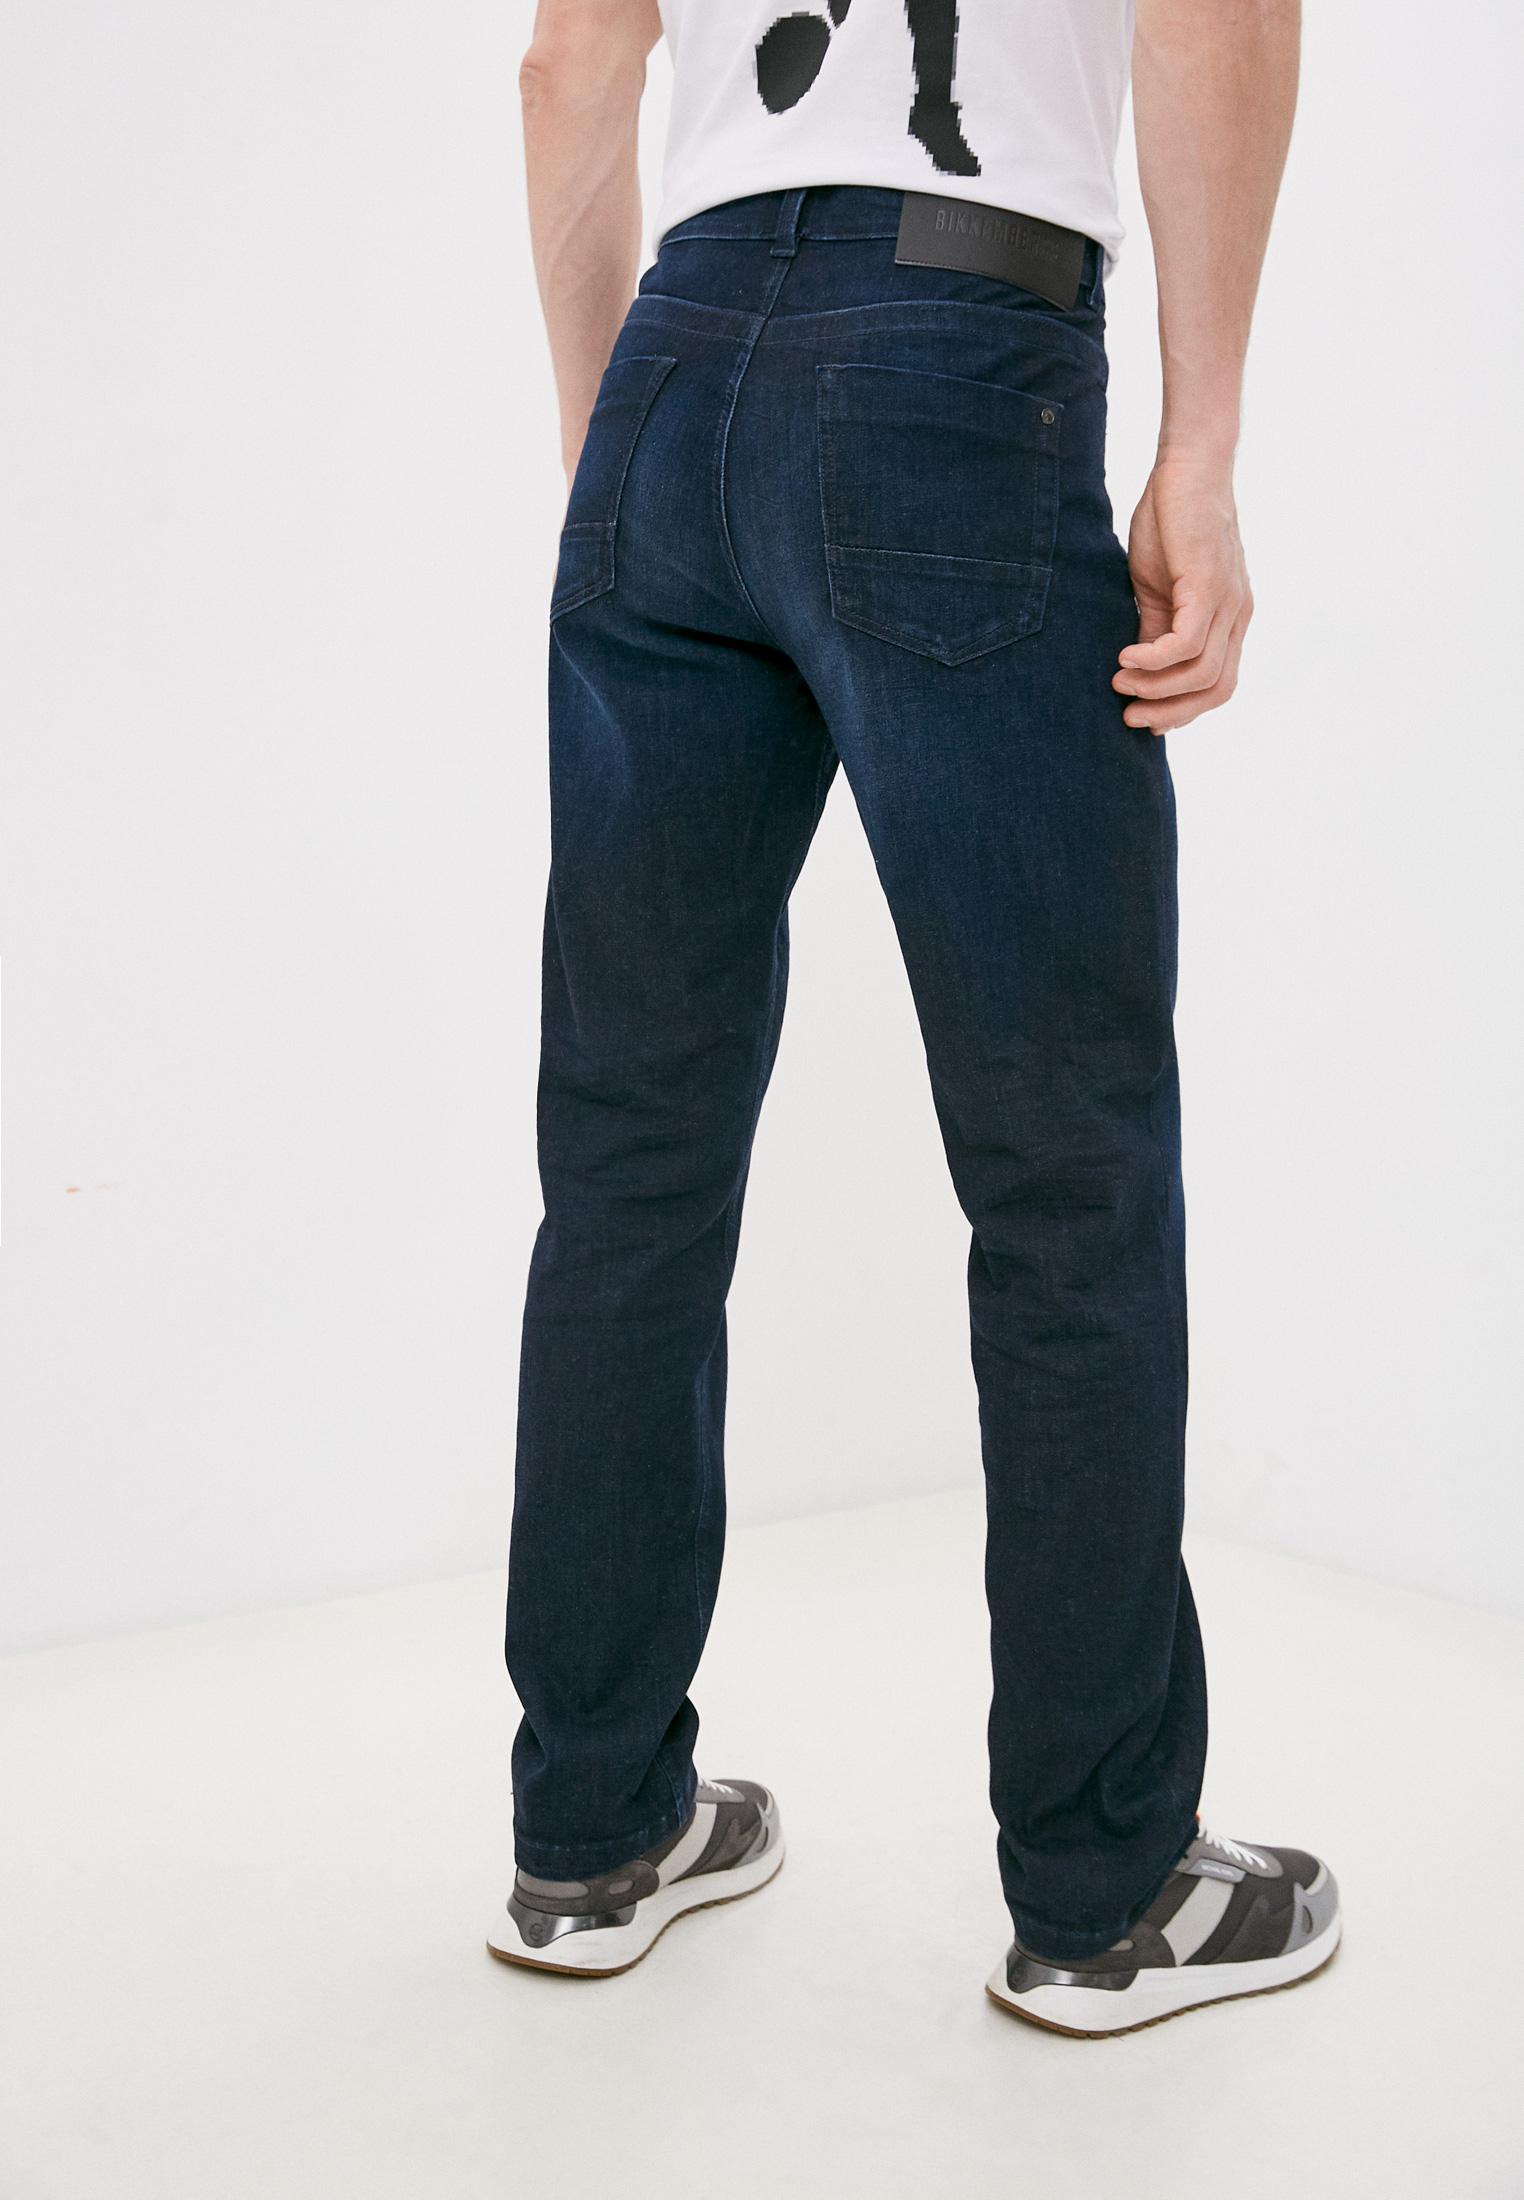 Мужские прямые джинсы Bikkembergs (Биккембергс) C Q 102 22 S 3511: изображение 4